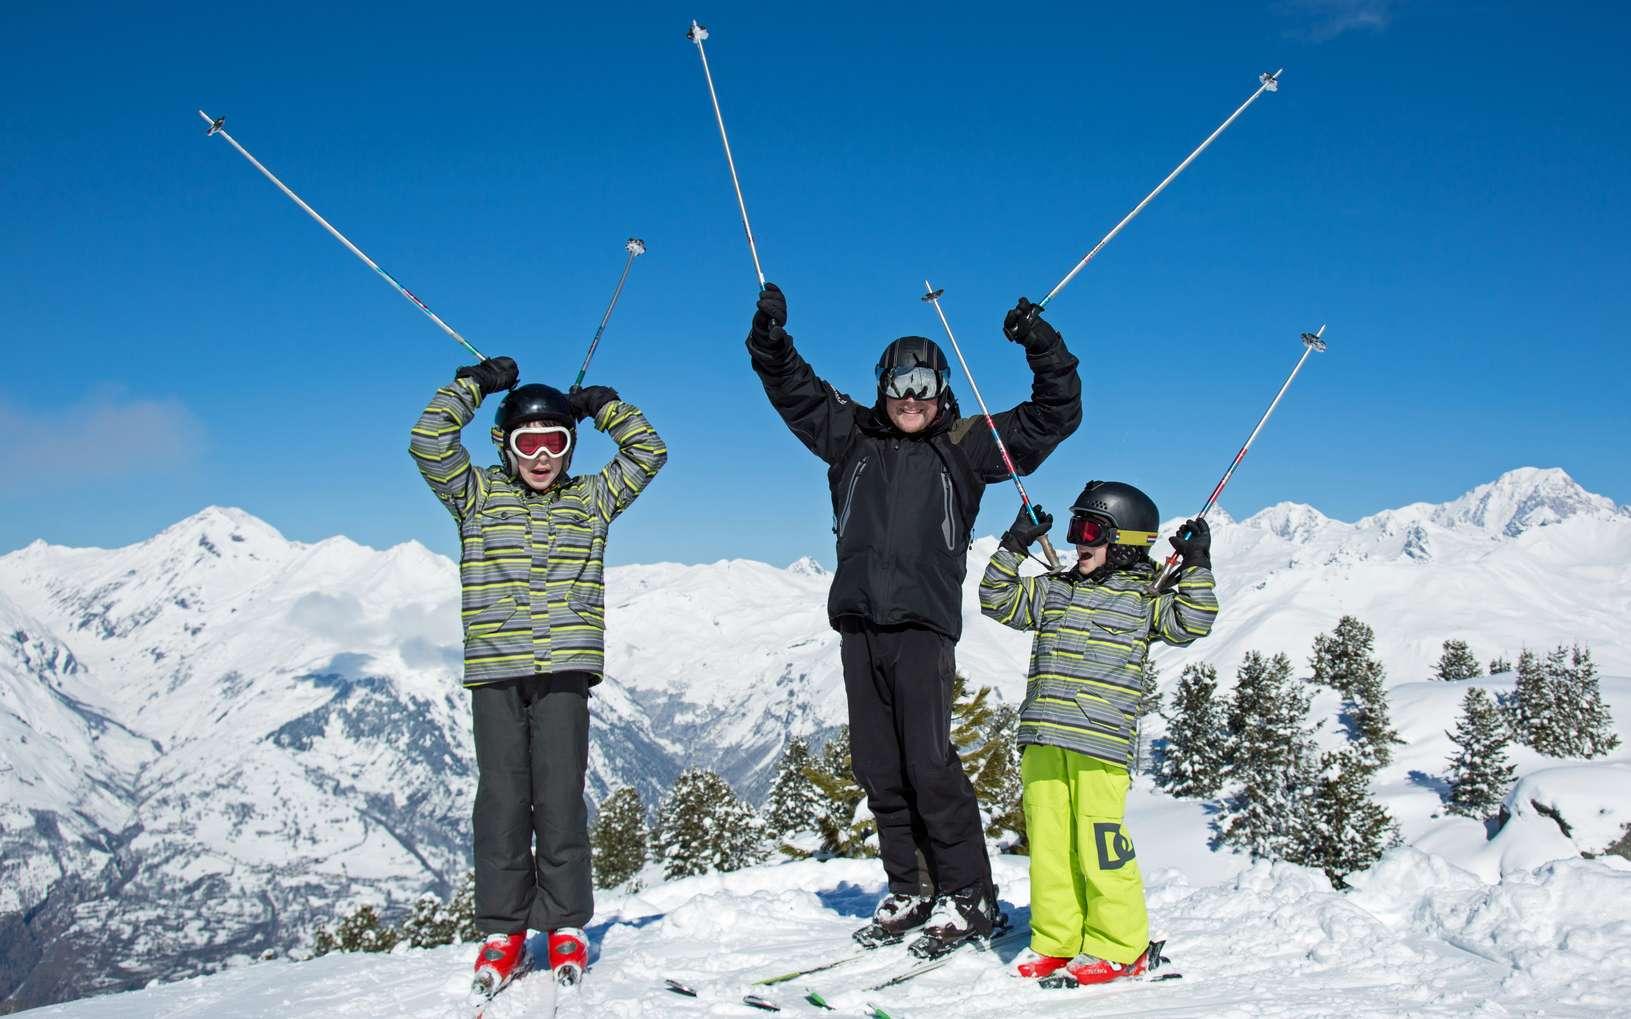 Terroirs alpins et méditerranéens se mêlent dans les stations de ski des Alpes du Sud. © ChantalS, fotolia